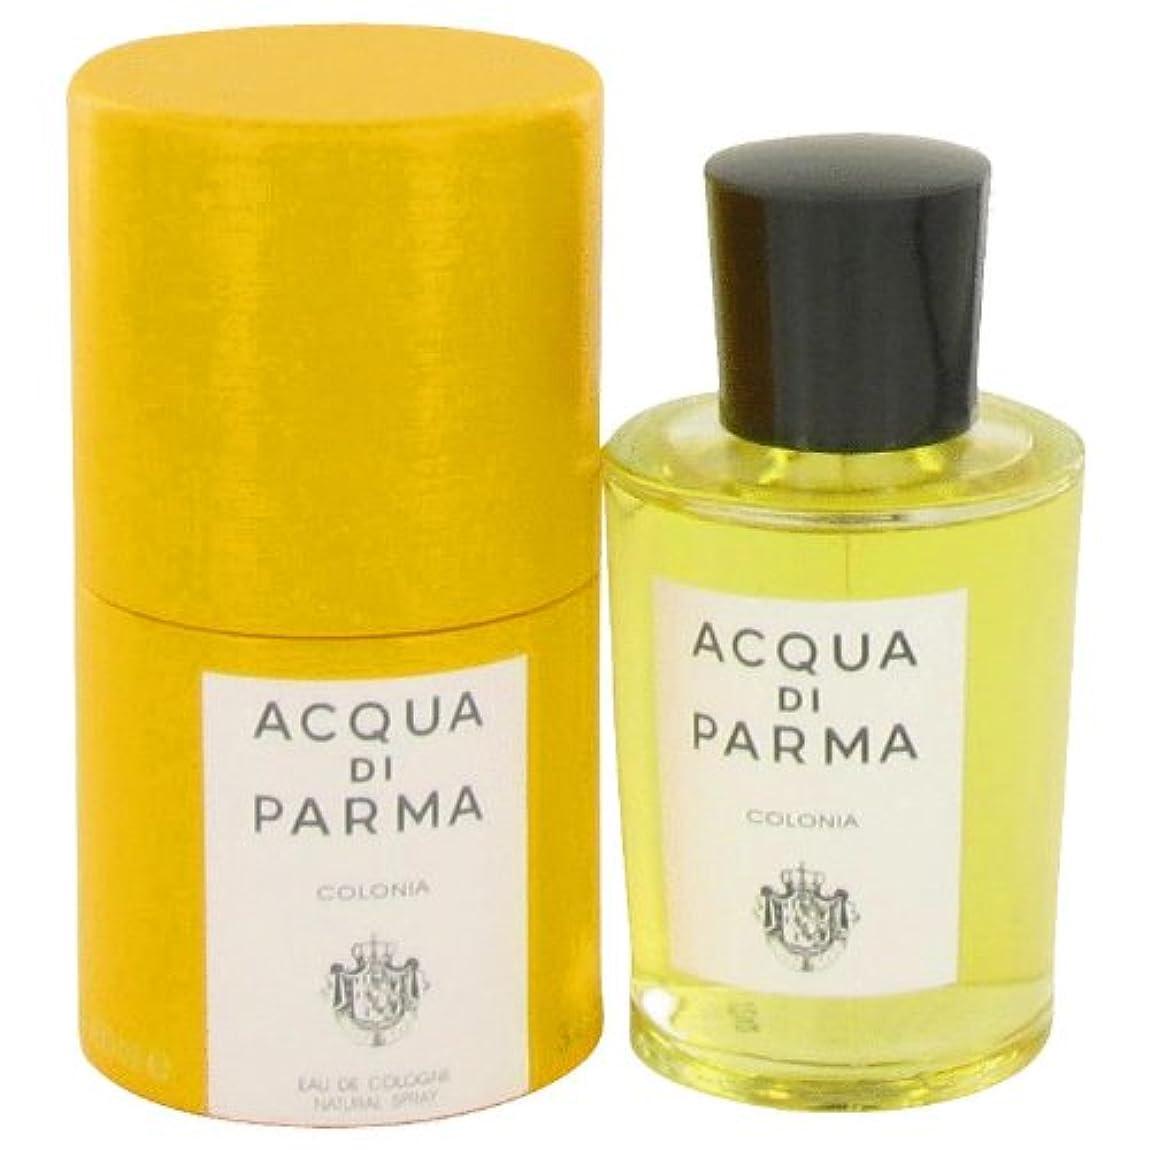 助けてトン遮るAcqua Di Parma Colonia Eau De Cologne Spray By Acqua Di Parma